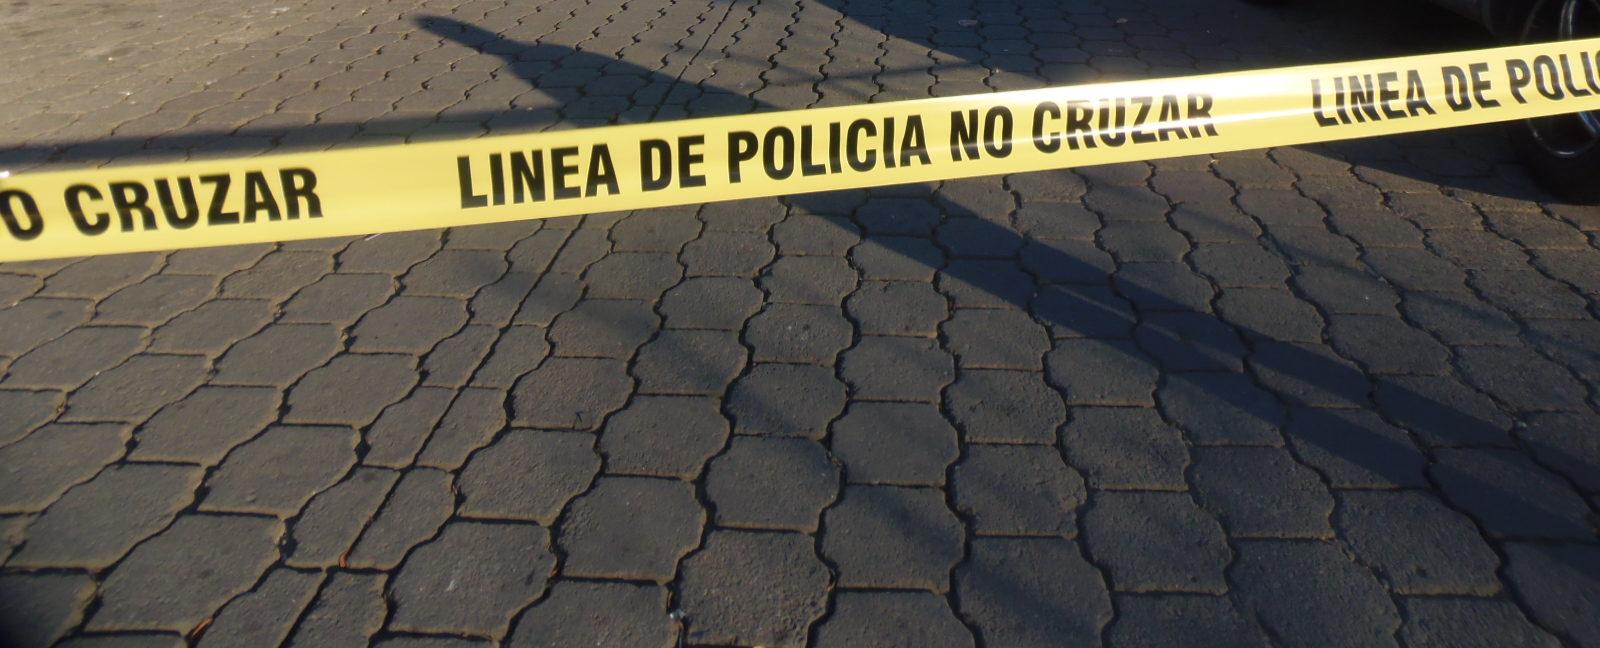 Instituto de Medicina Legal brindó informe estadístico de homicidios en el mes de febrero